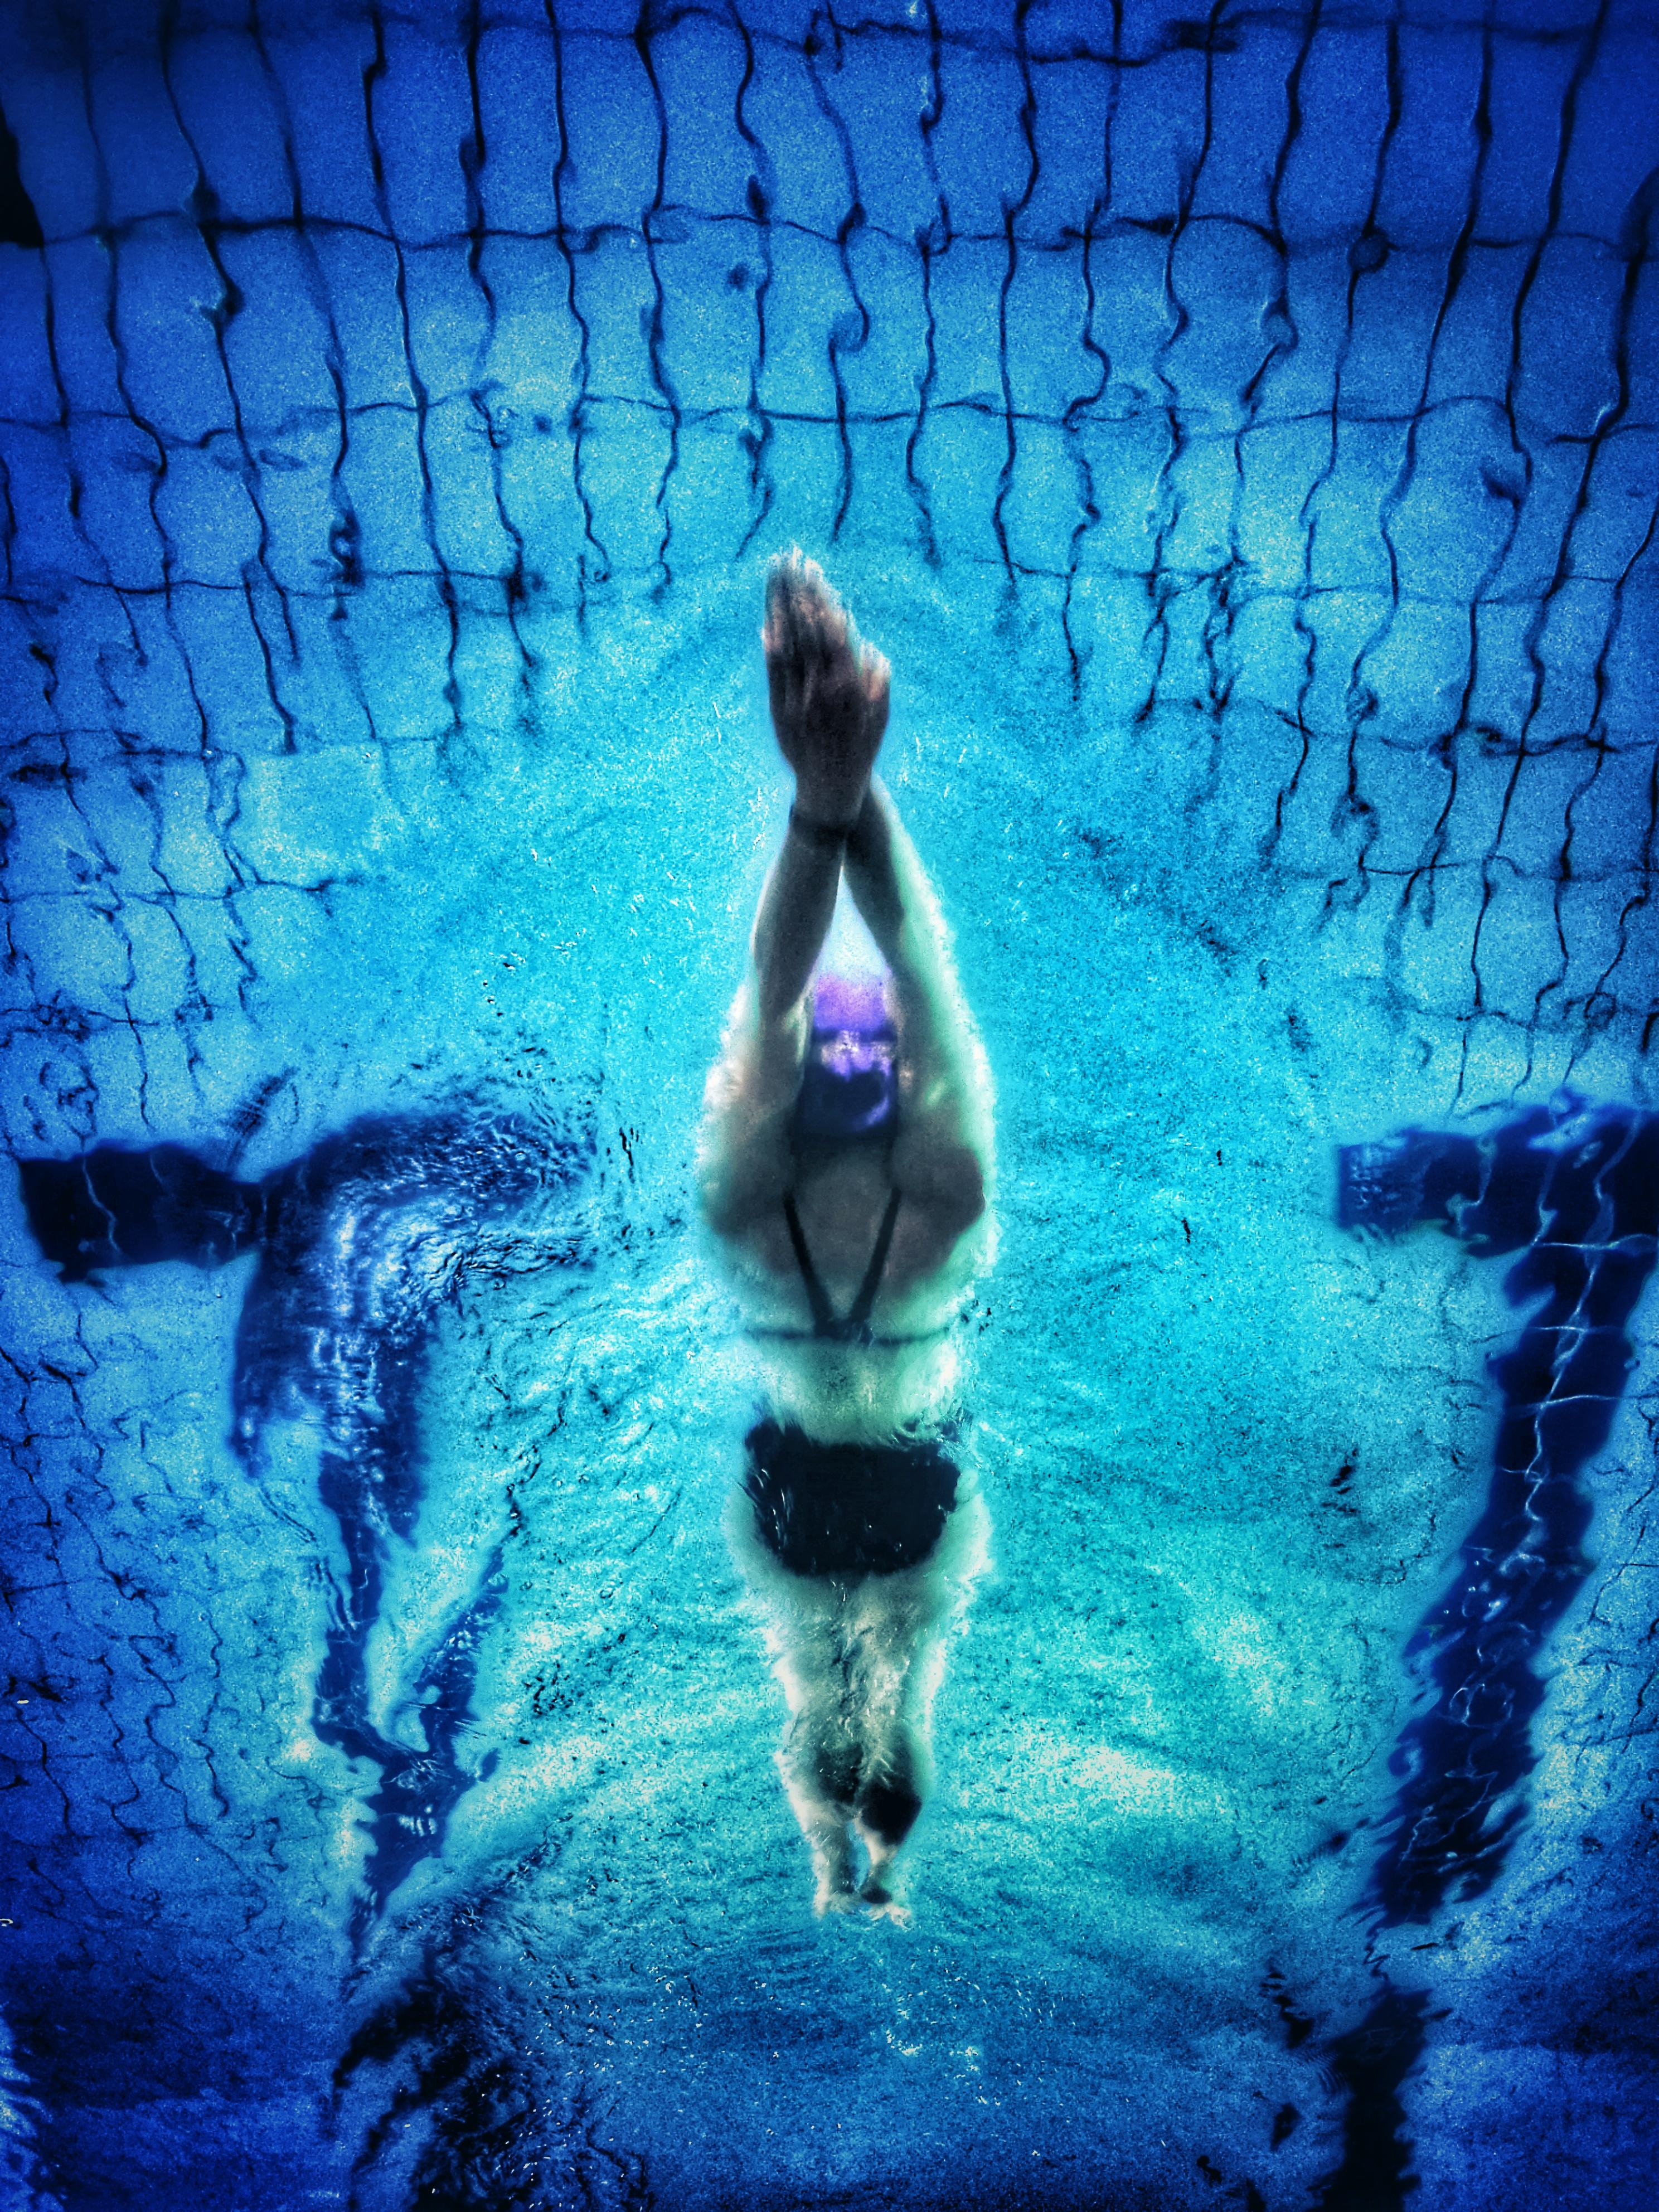 Undervandsfotografering af svømmerfrit foto-7491